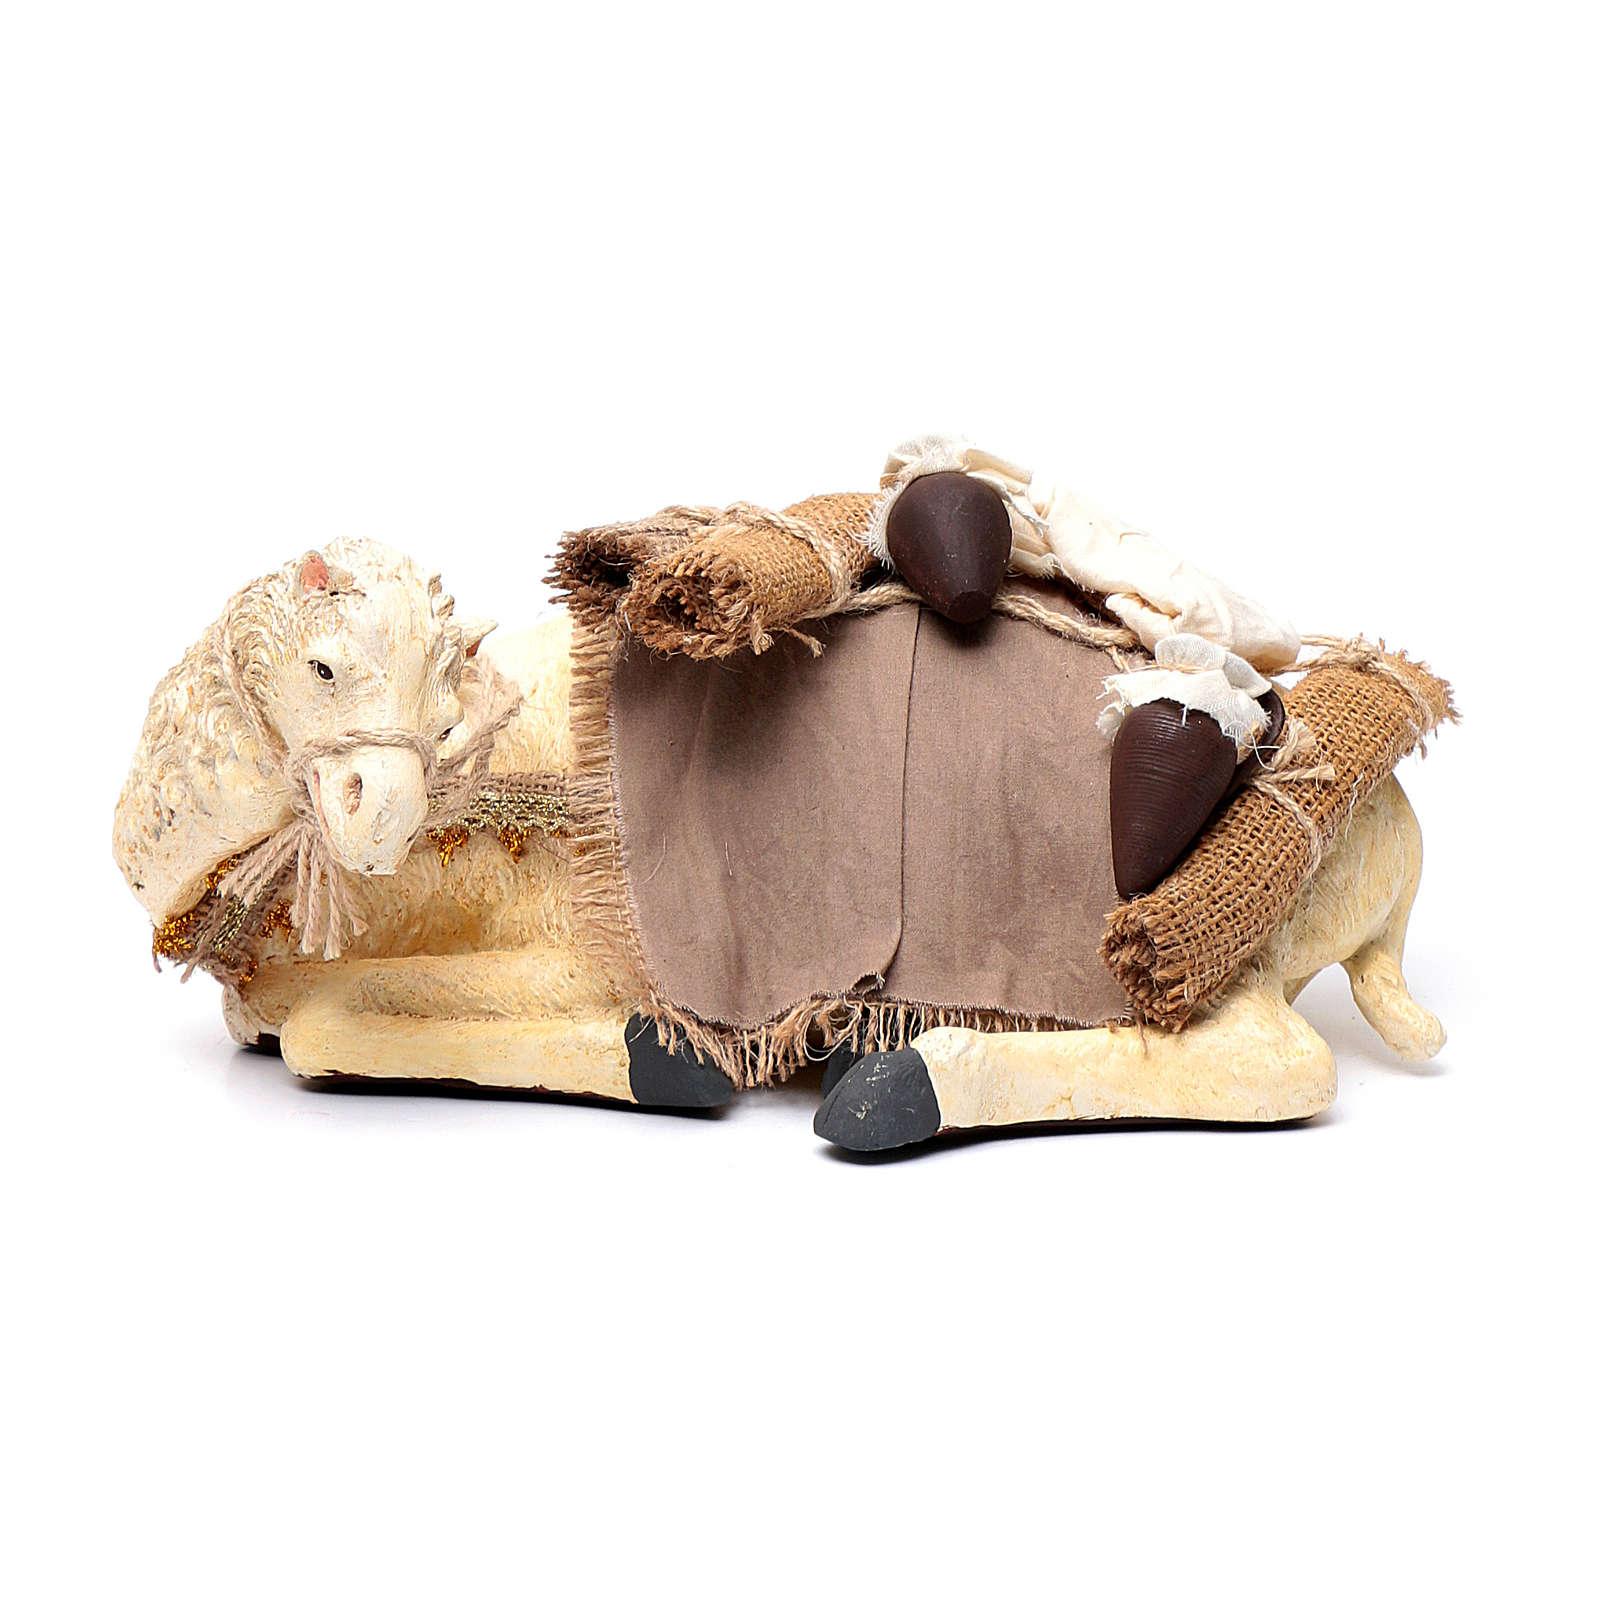 Re Magi con cammello seduto 28 cm resina e garza 3